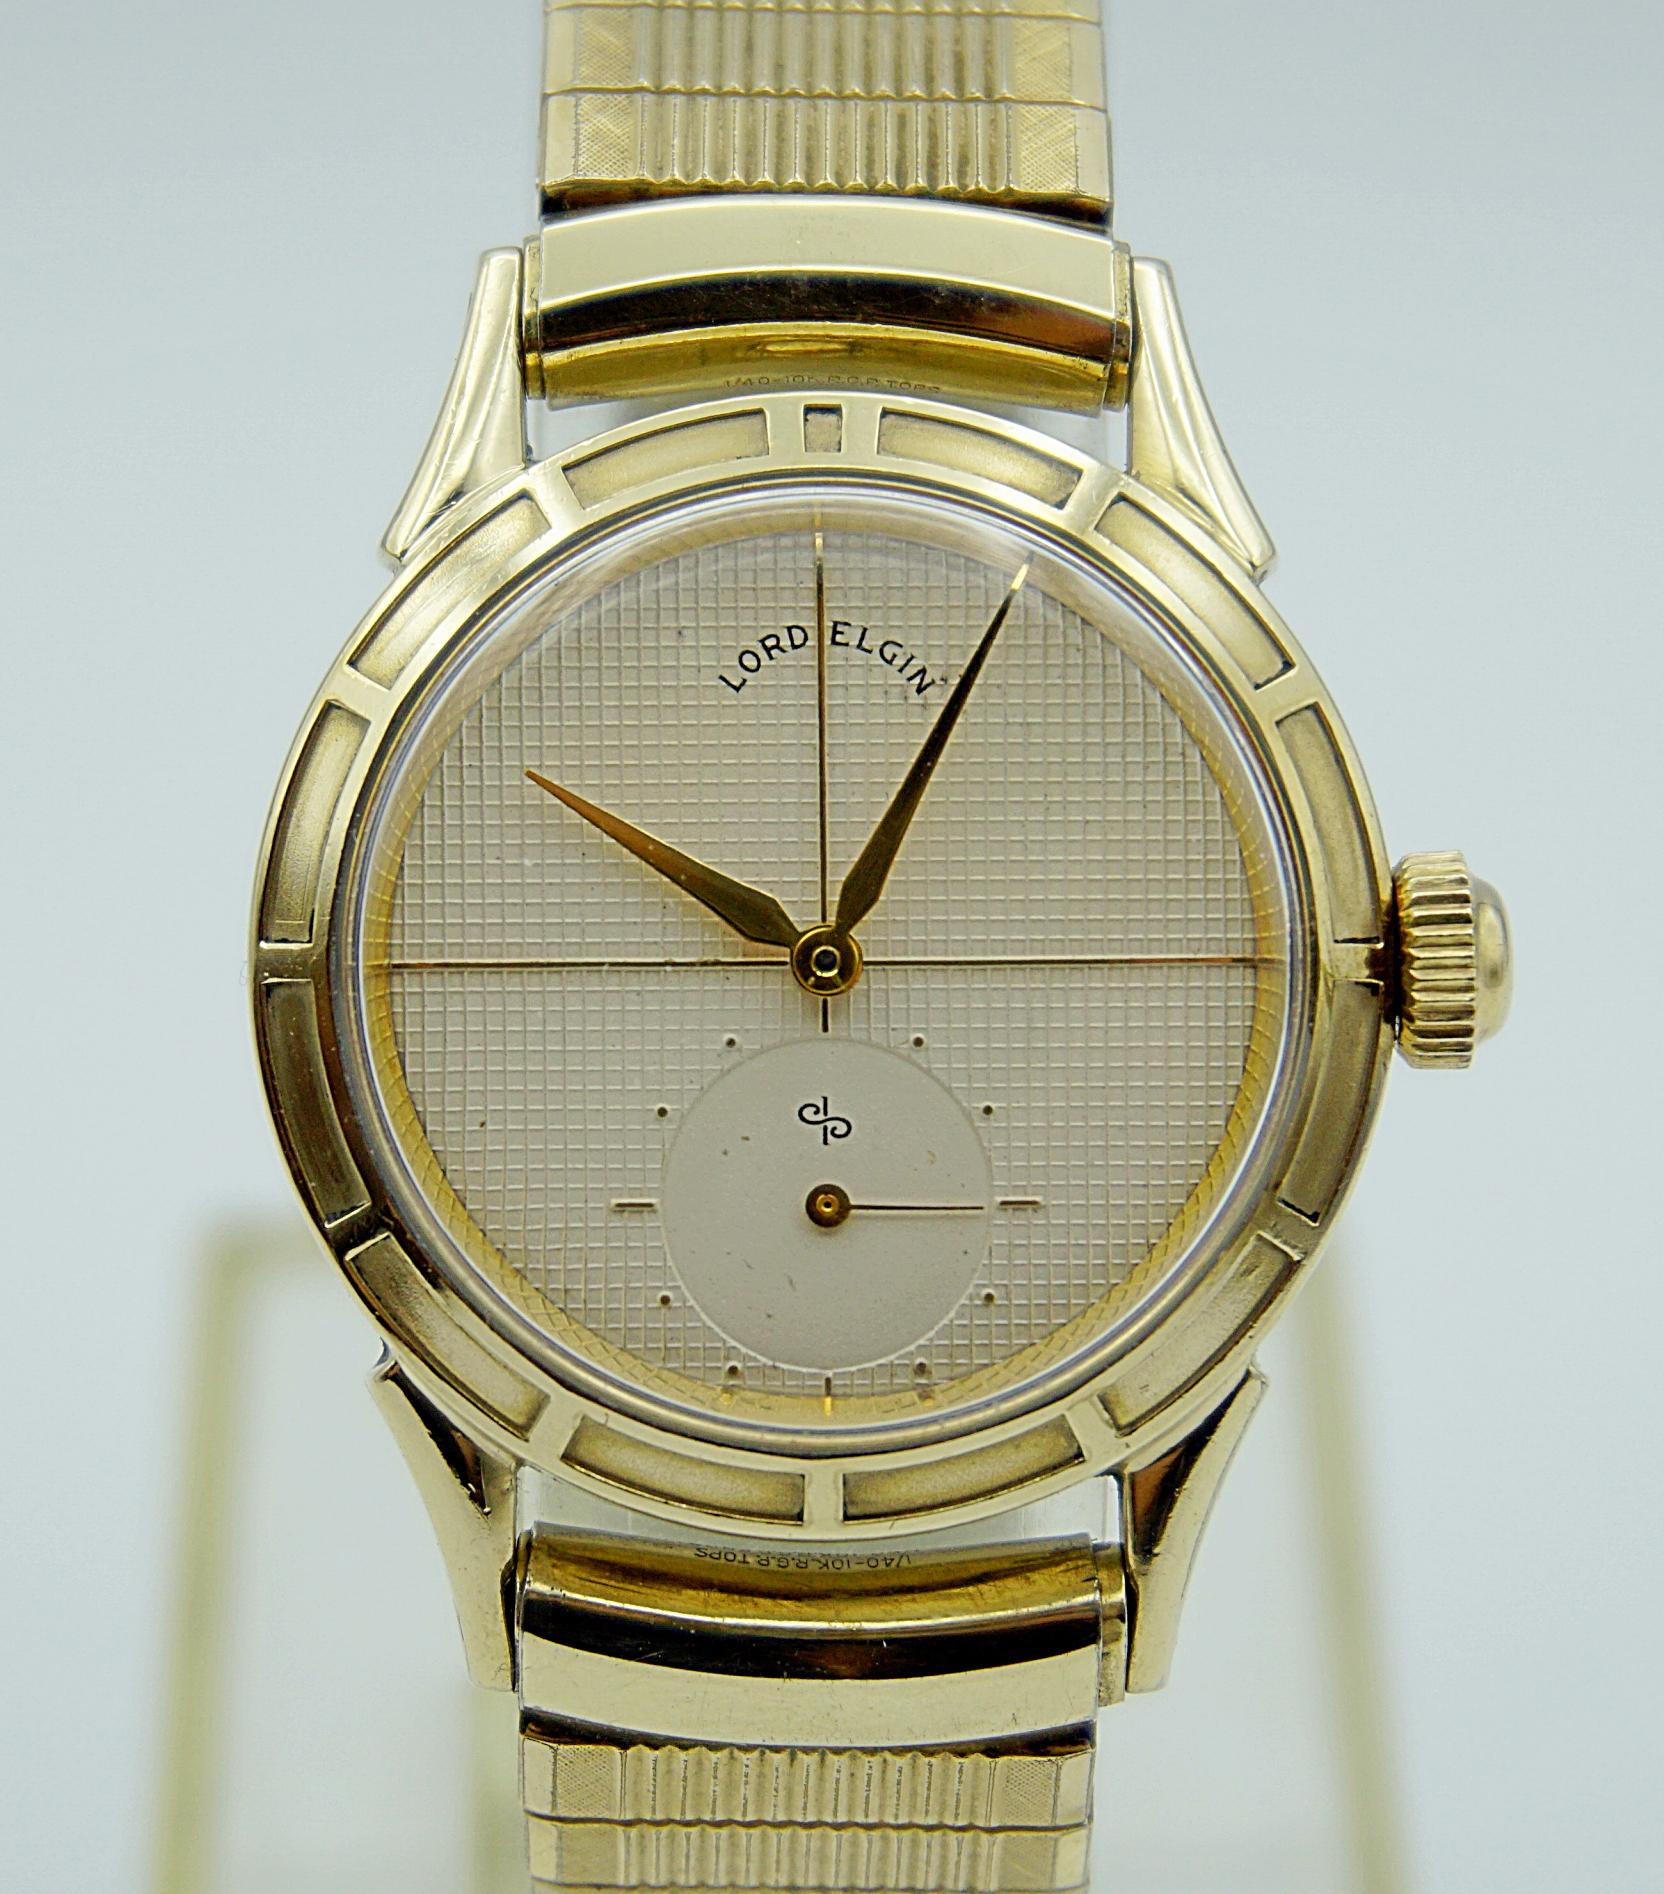 นาฬิกาเก่า LORD ELGIN ไขลานสองเข็มครึ่ง